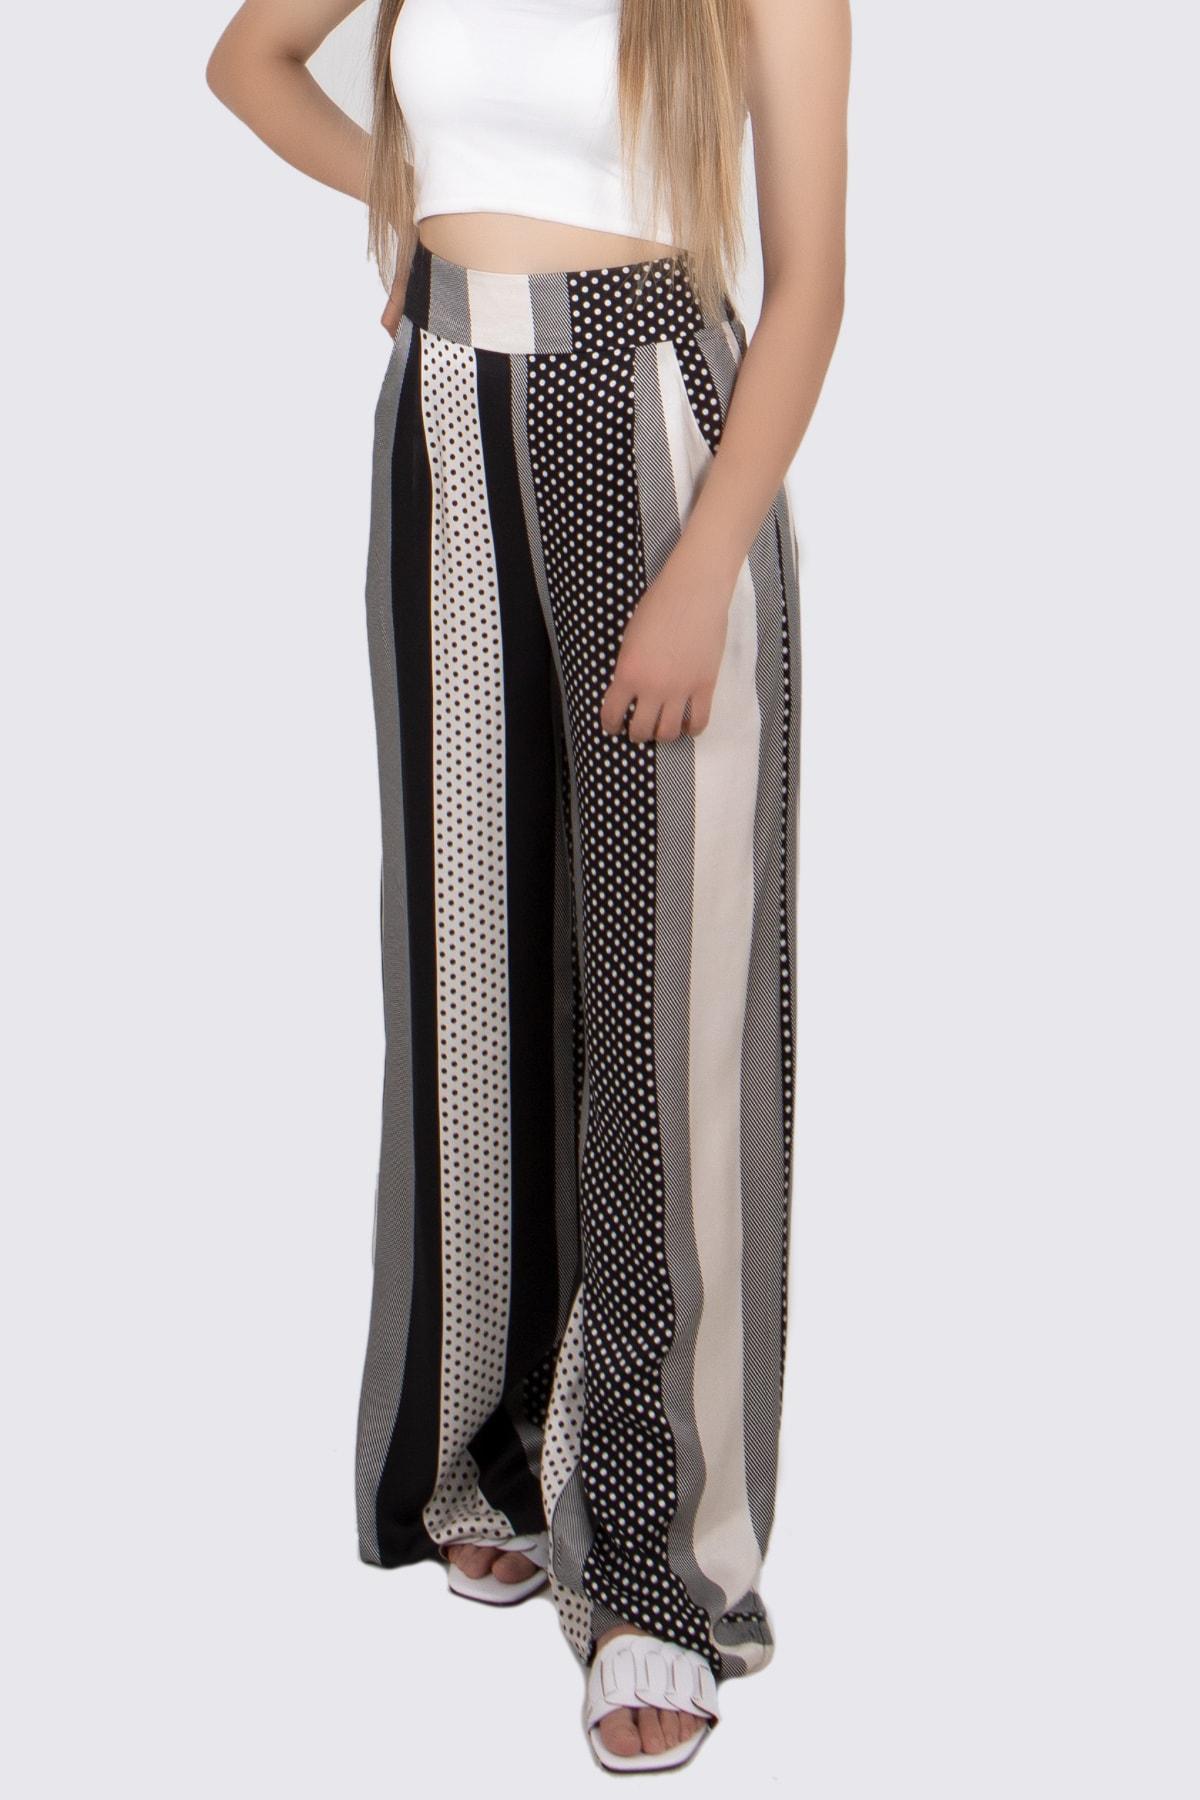 BSL Kadın Siyah Beyaz Desenli Pantolon 1